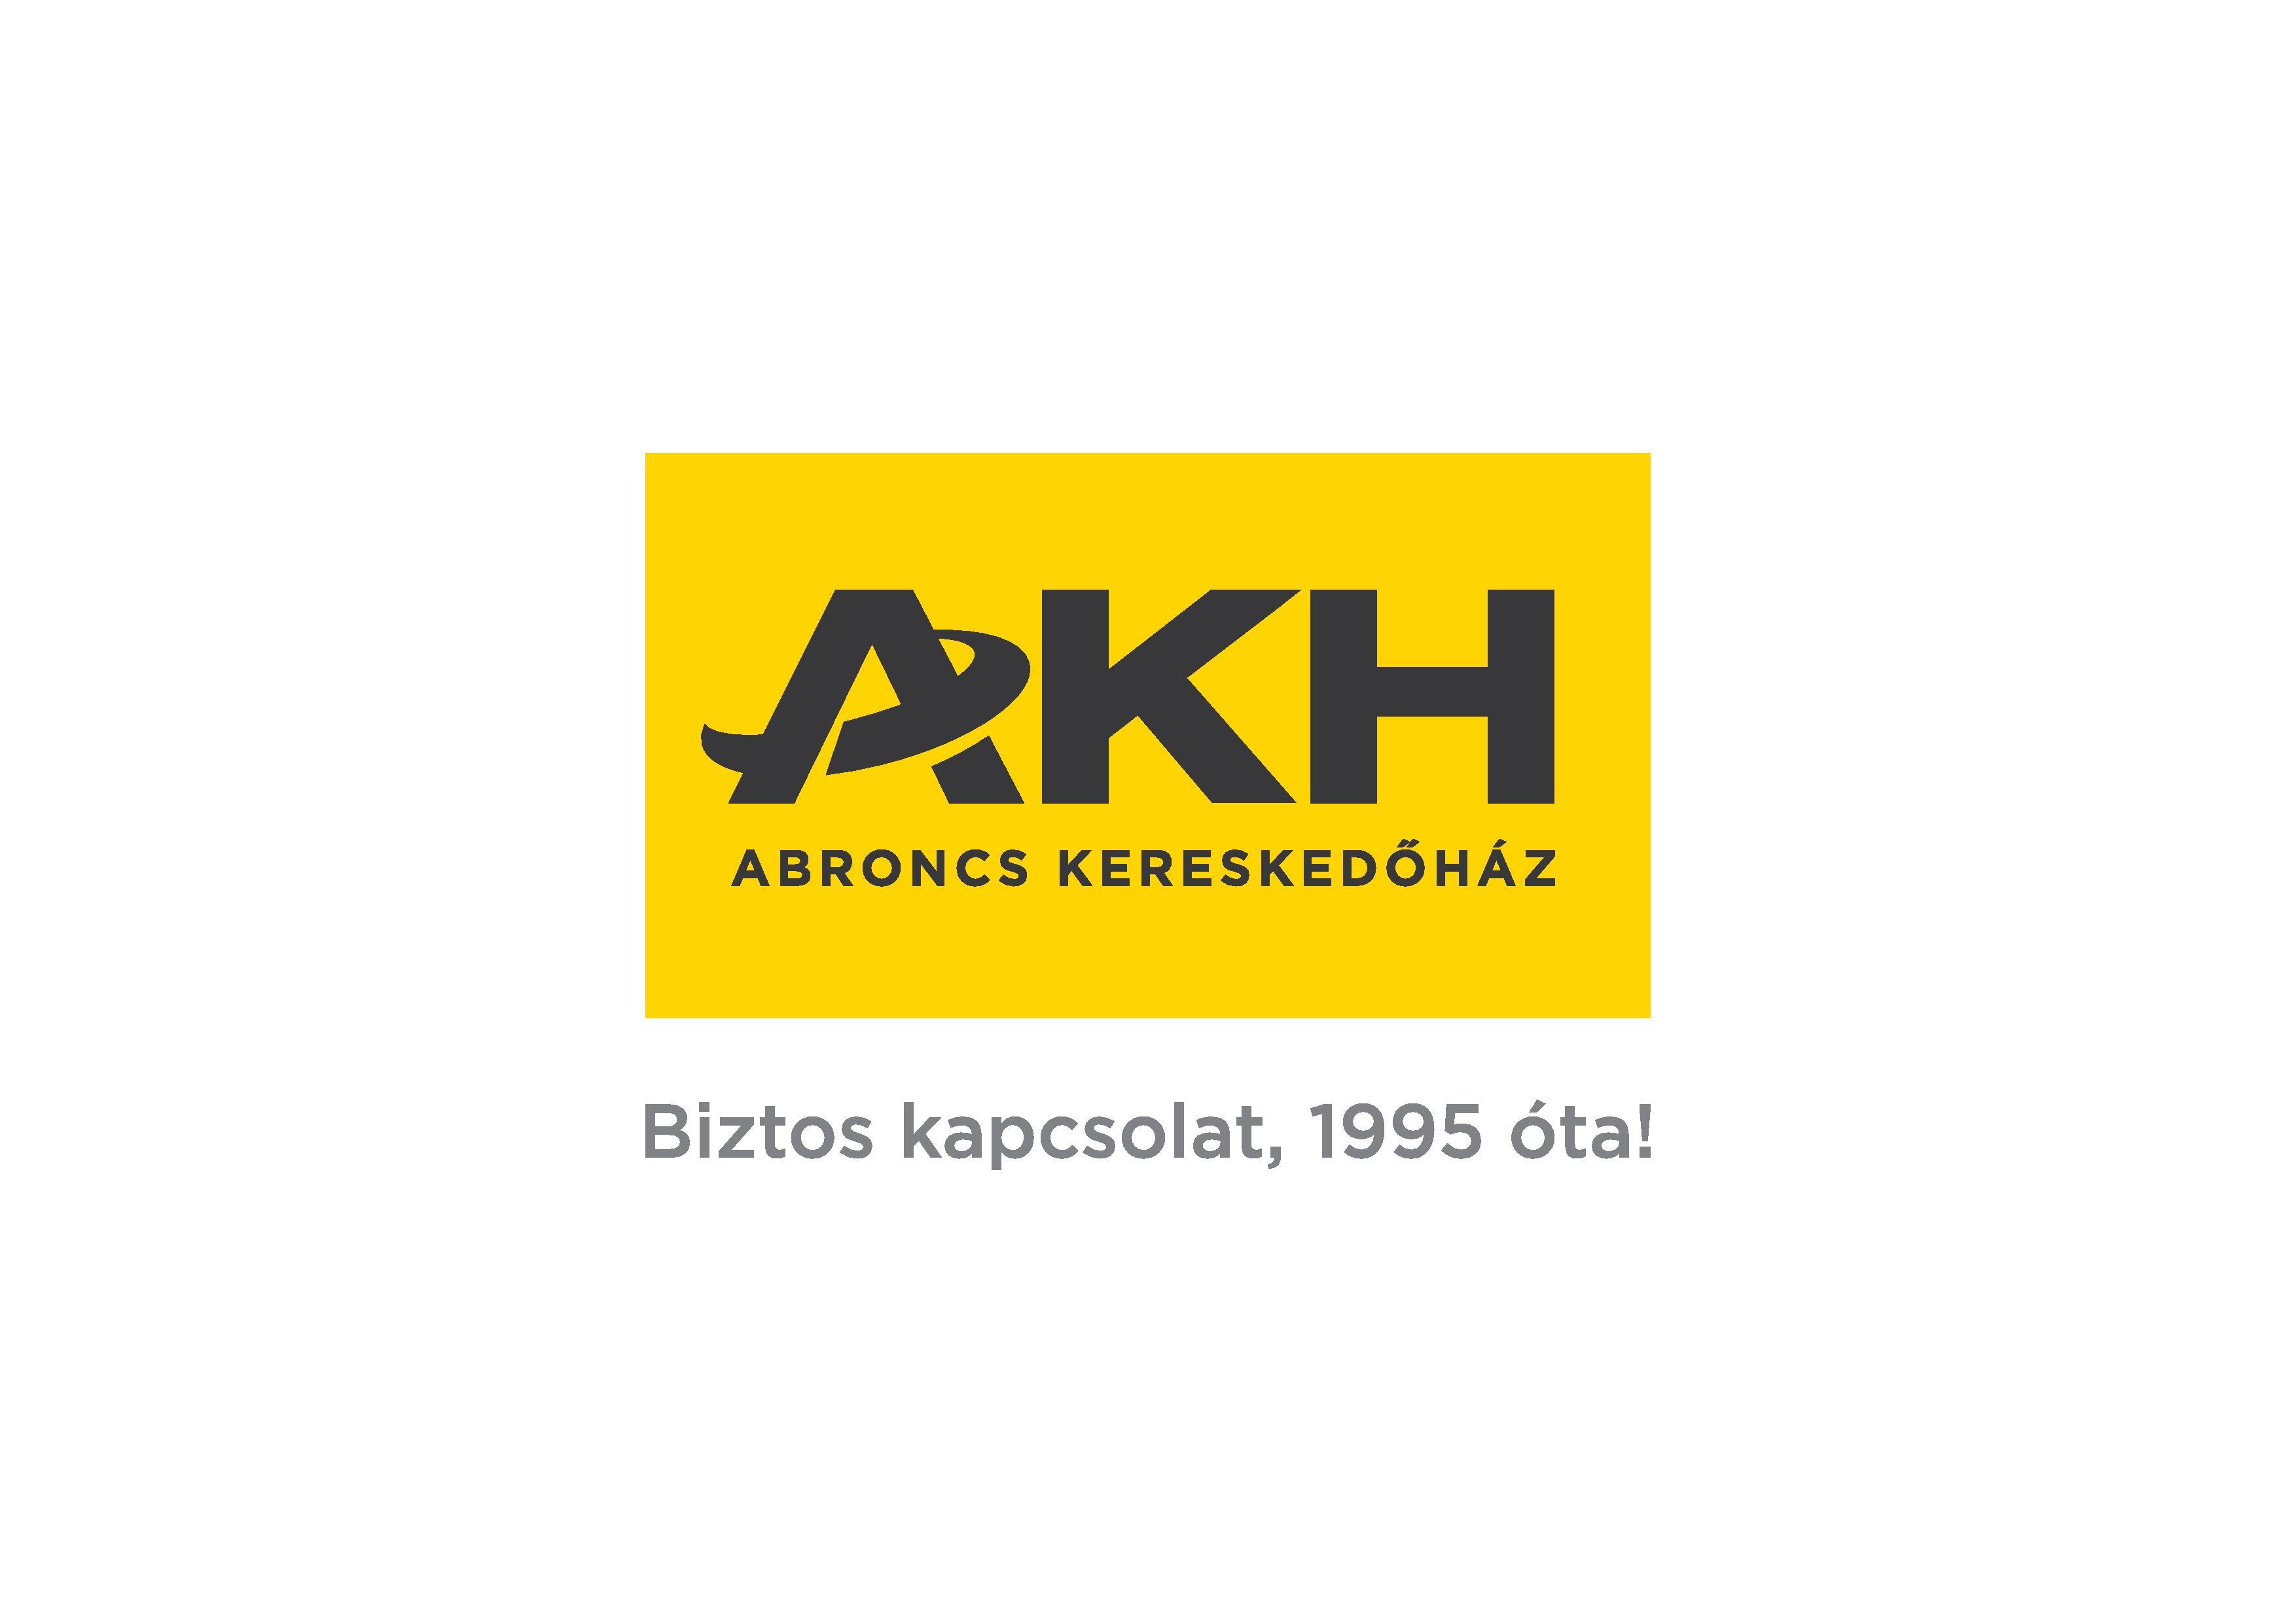 akh_logo.jpg